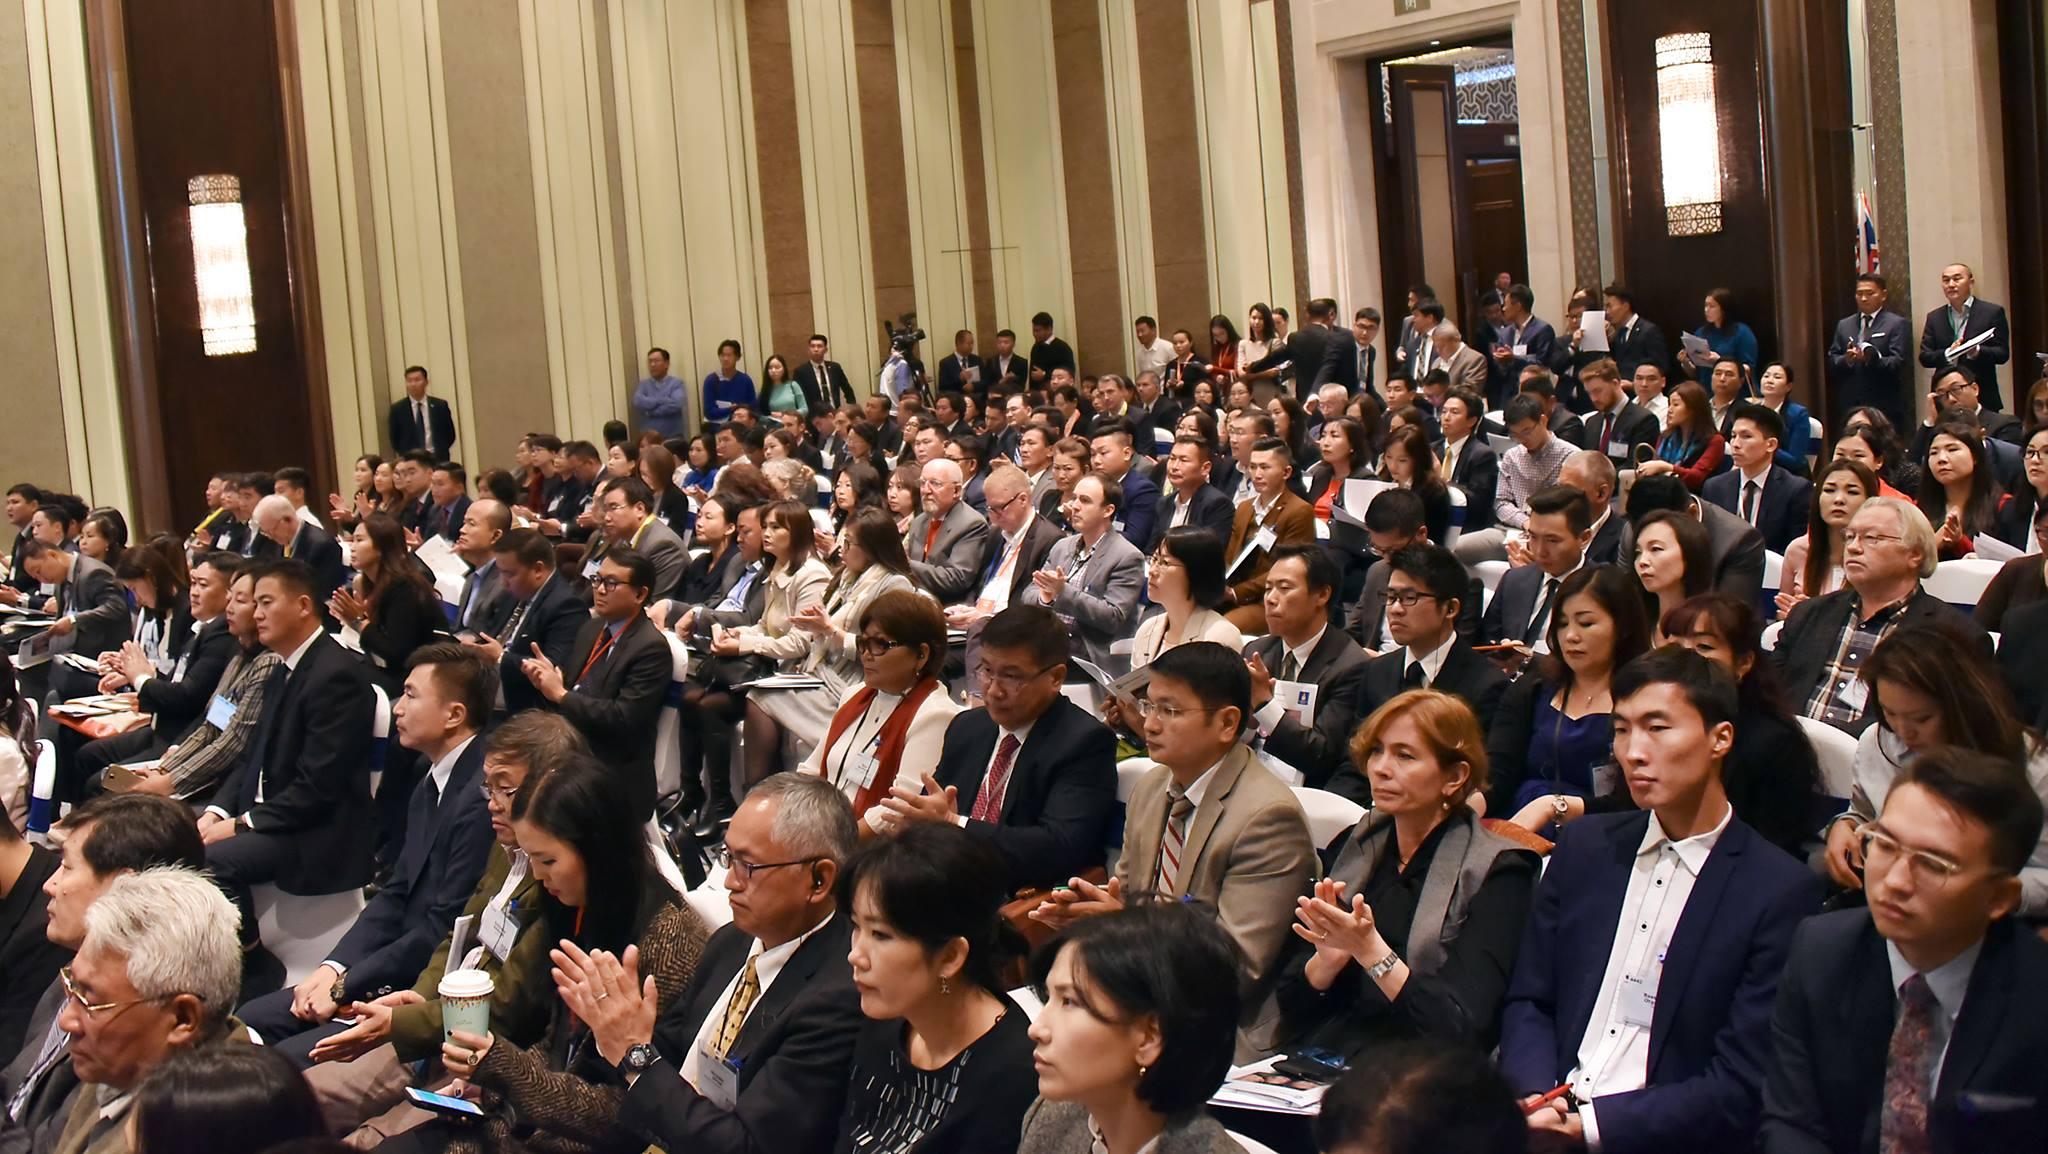 fd88b0cbdbc67ba5c1dc754931cdf60e Ж.Эрдэнэбат: Монгол Улс бизнестээ эргэн ирлээ, Та бүхнийг урьж байна